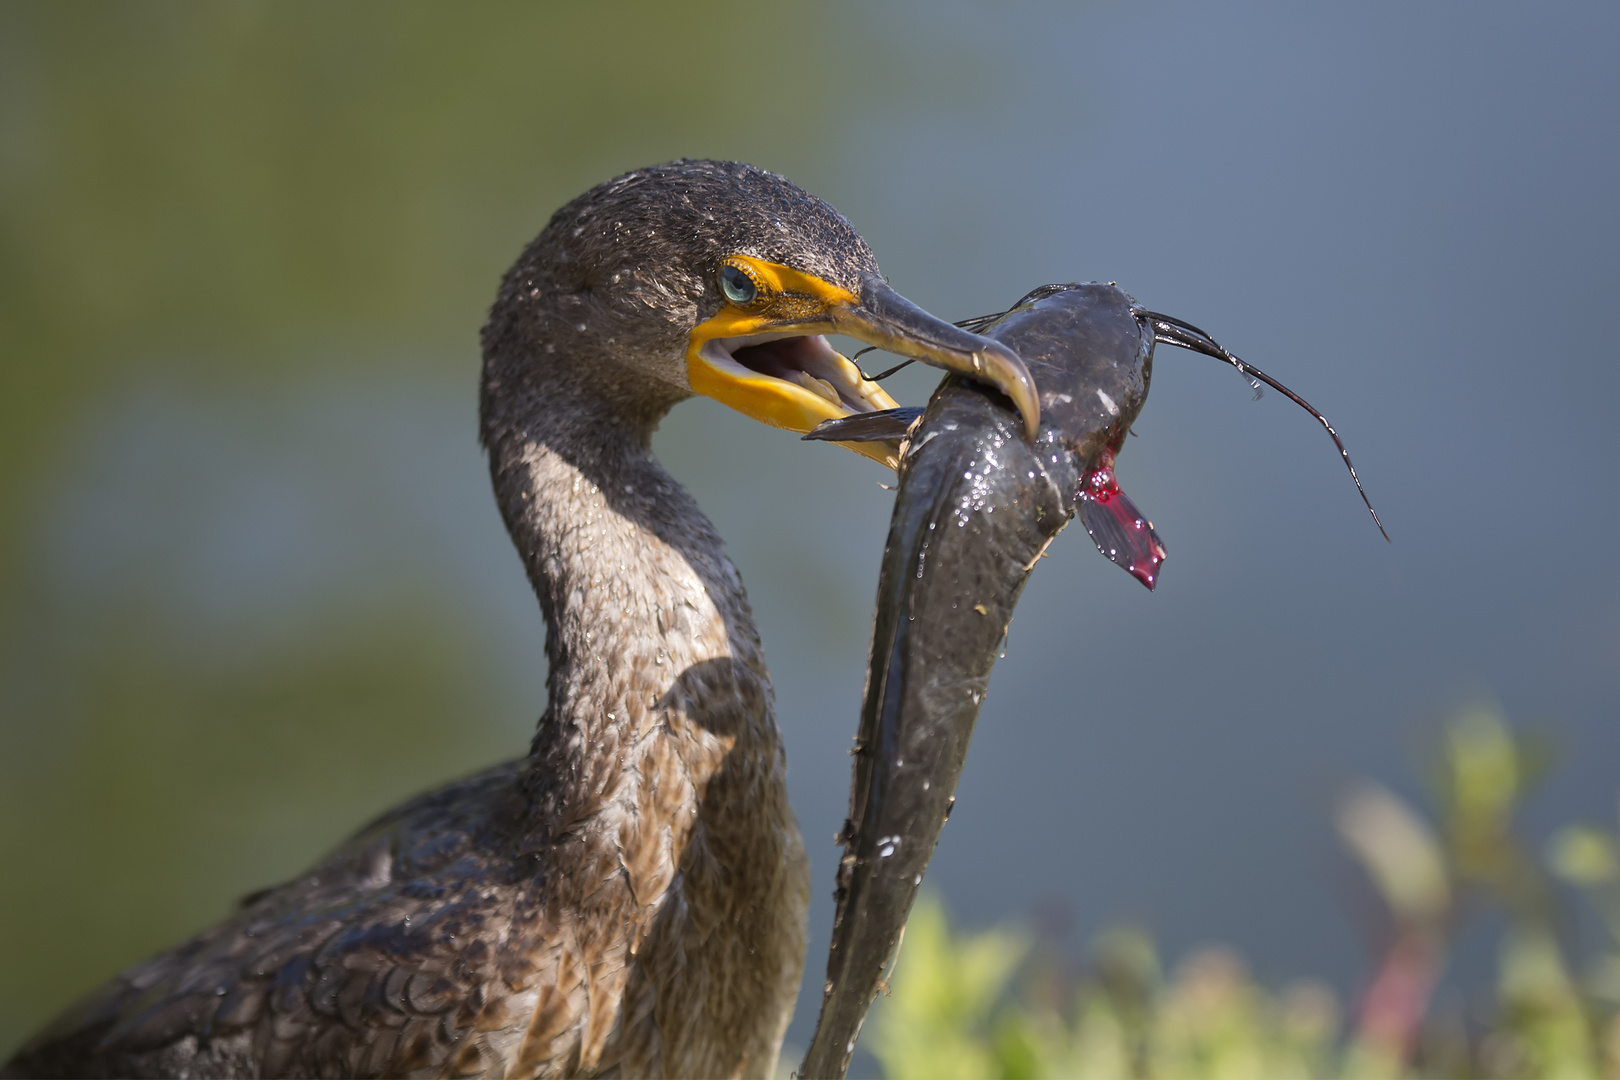 Cormorant with Catch II